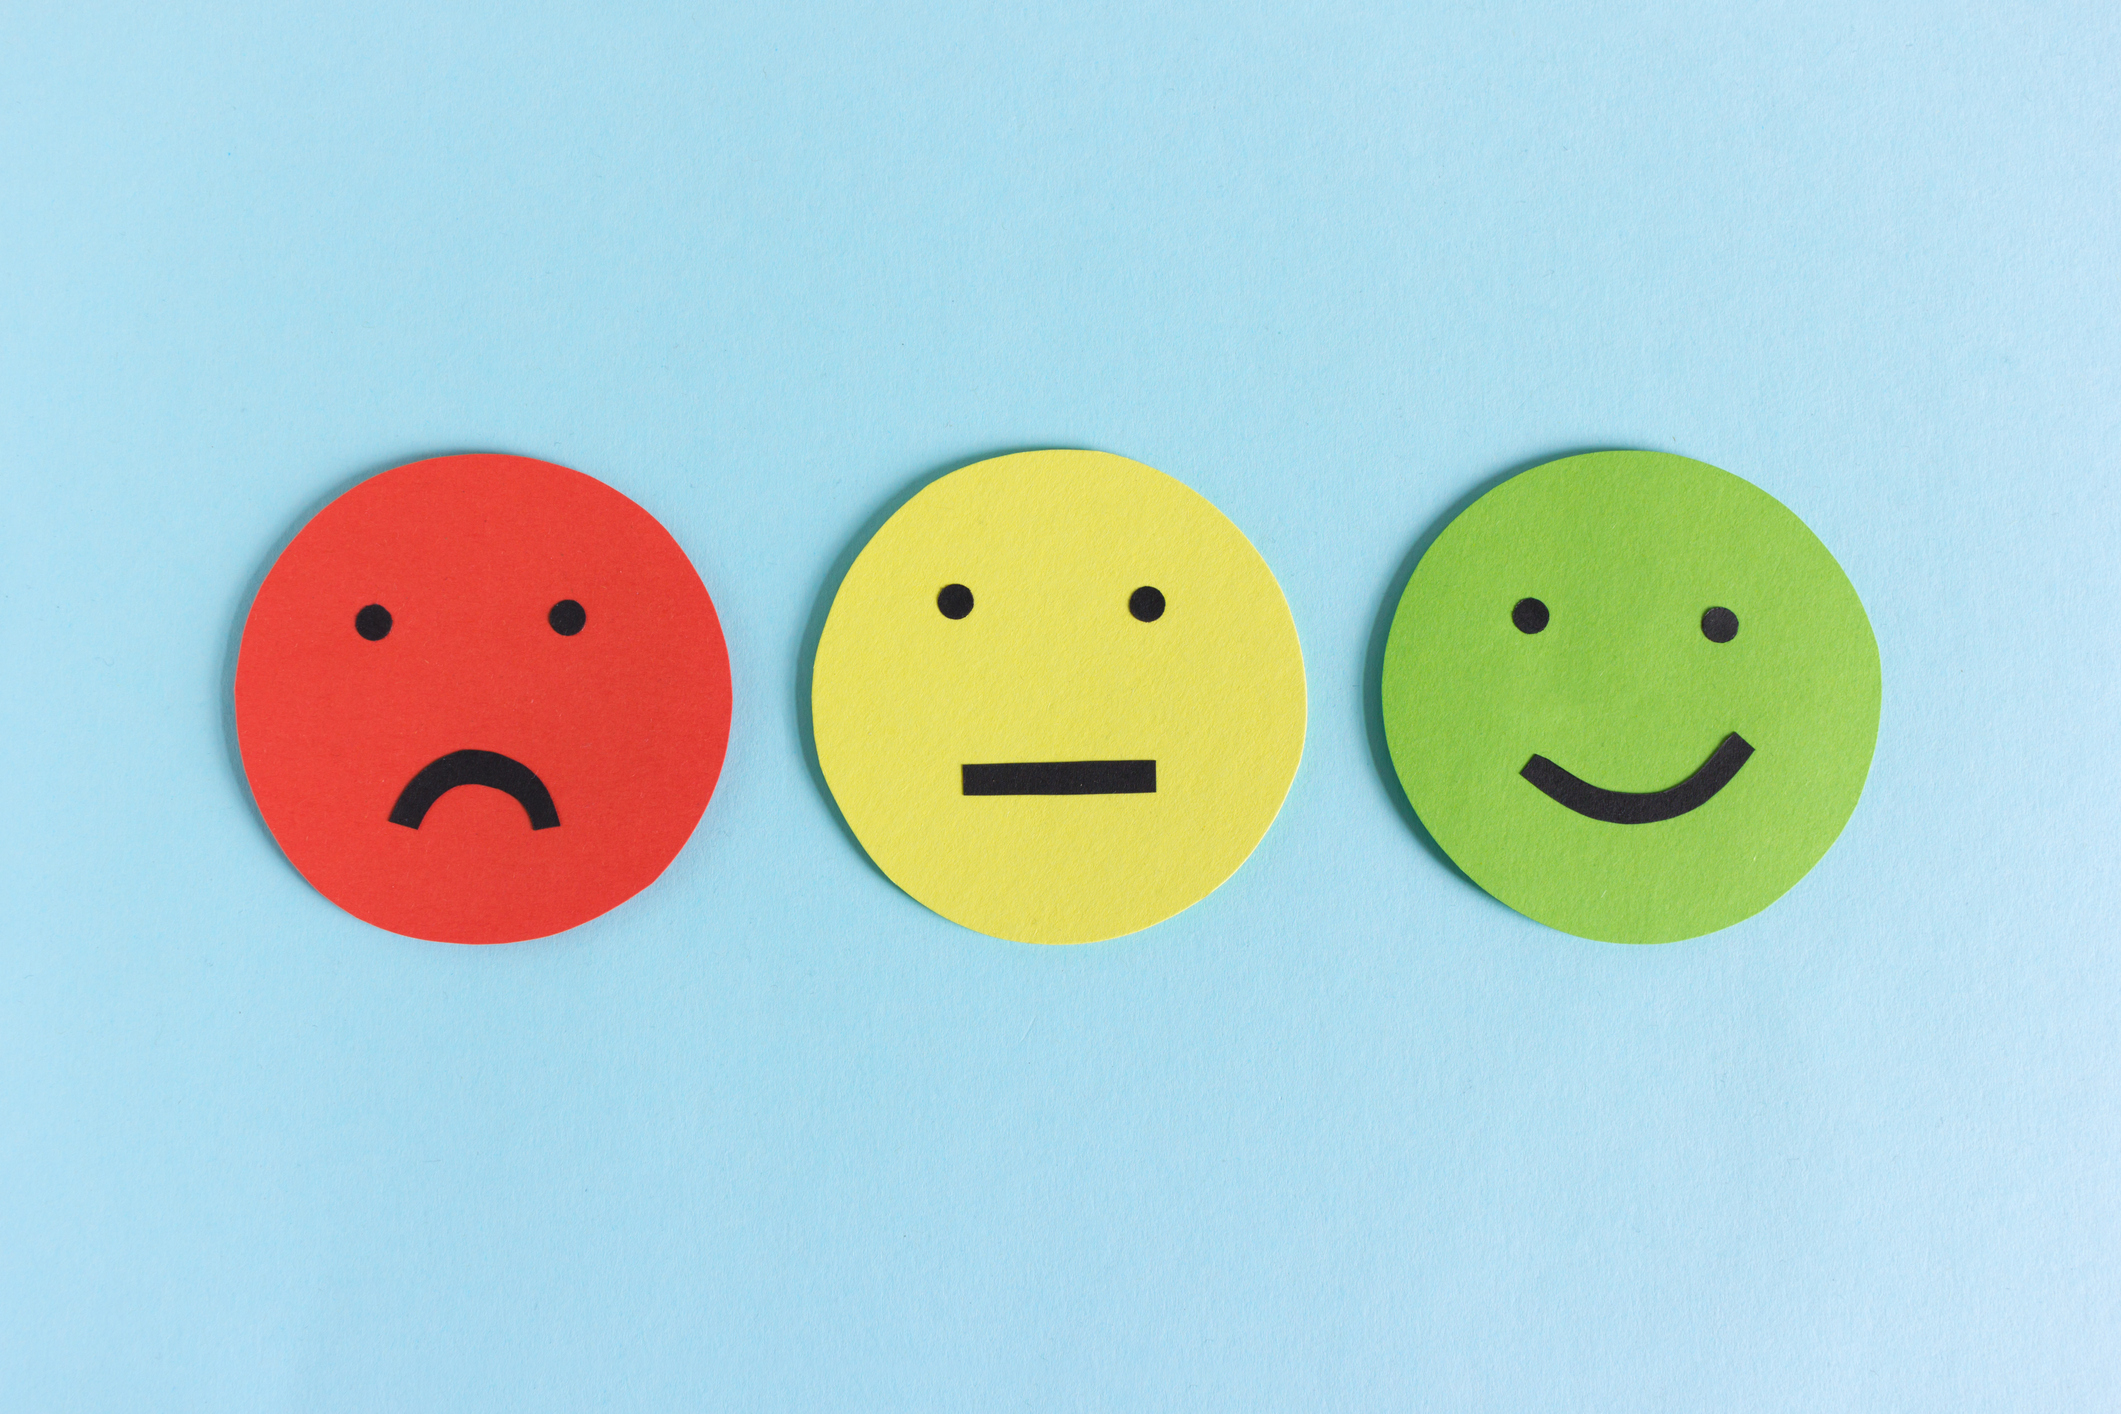 Συναισθήματα Διαχείριση: Η σημασία της για την ψυχική υγεία